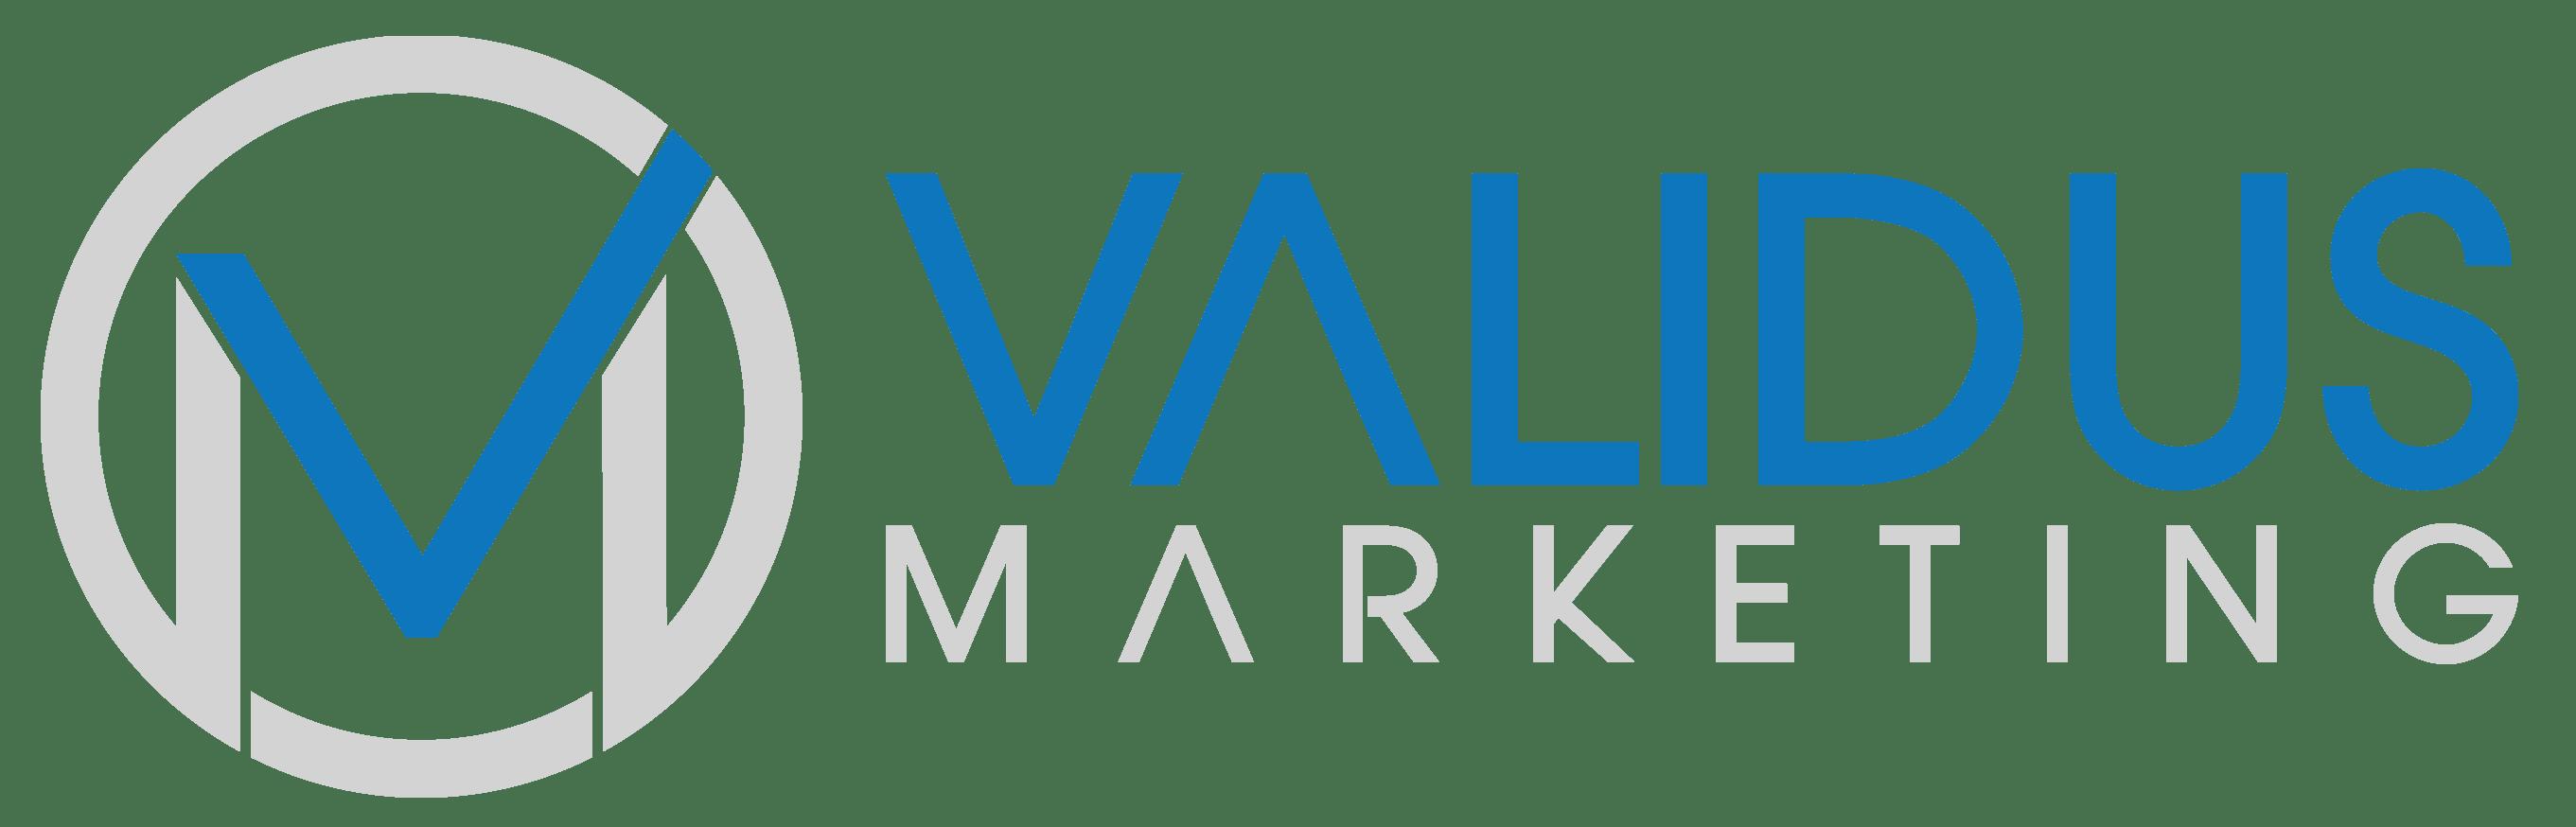 Salon Marketing Company